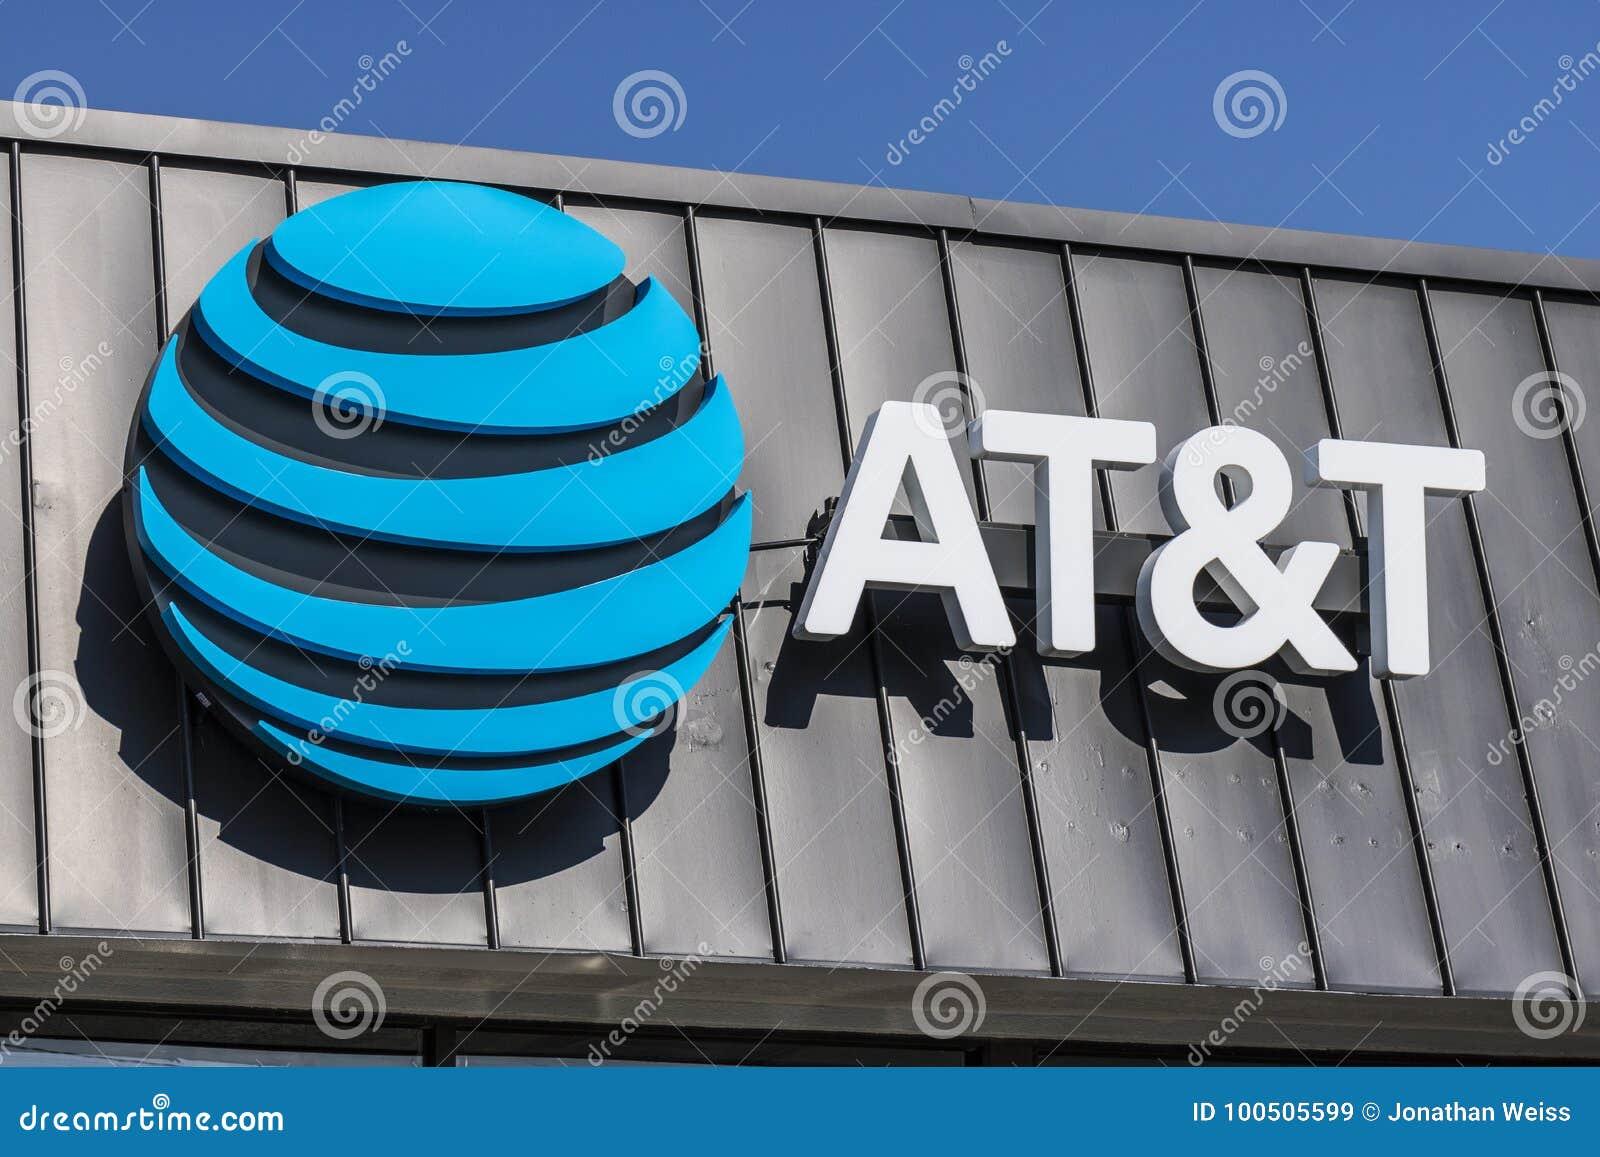 Το Σεπτέμβριο του 2017 του Λαφαγέτ - Circa: Ασύρματος μαγαζί λιανικής πώλησης κινητικότητας της AT&T Η AT&T προσφέρει τώρα IPTV,